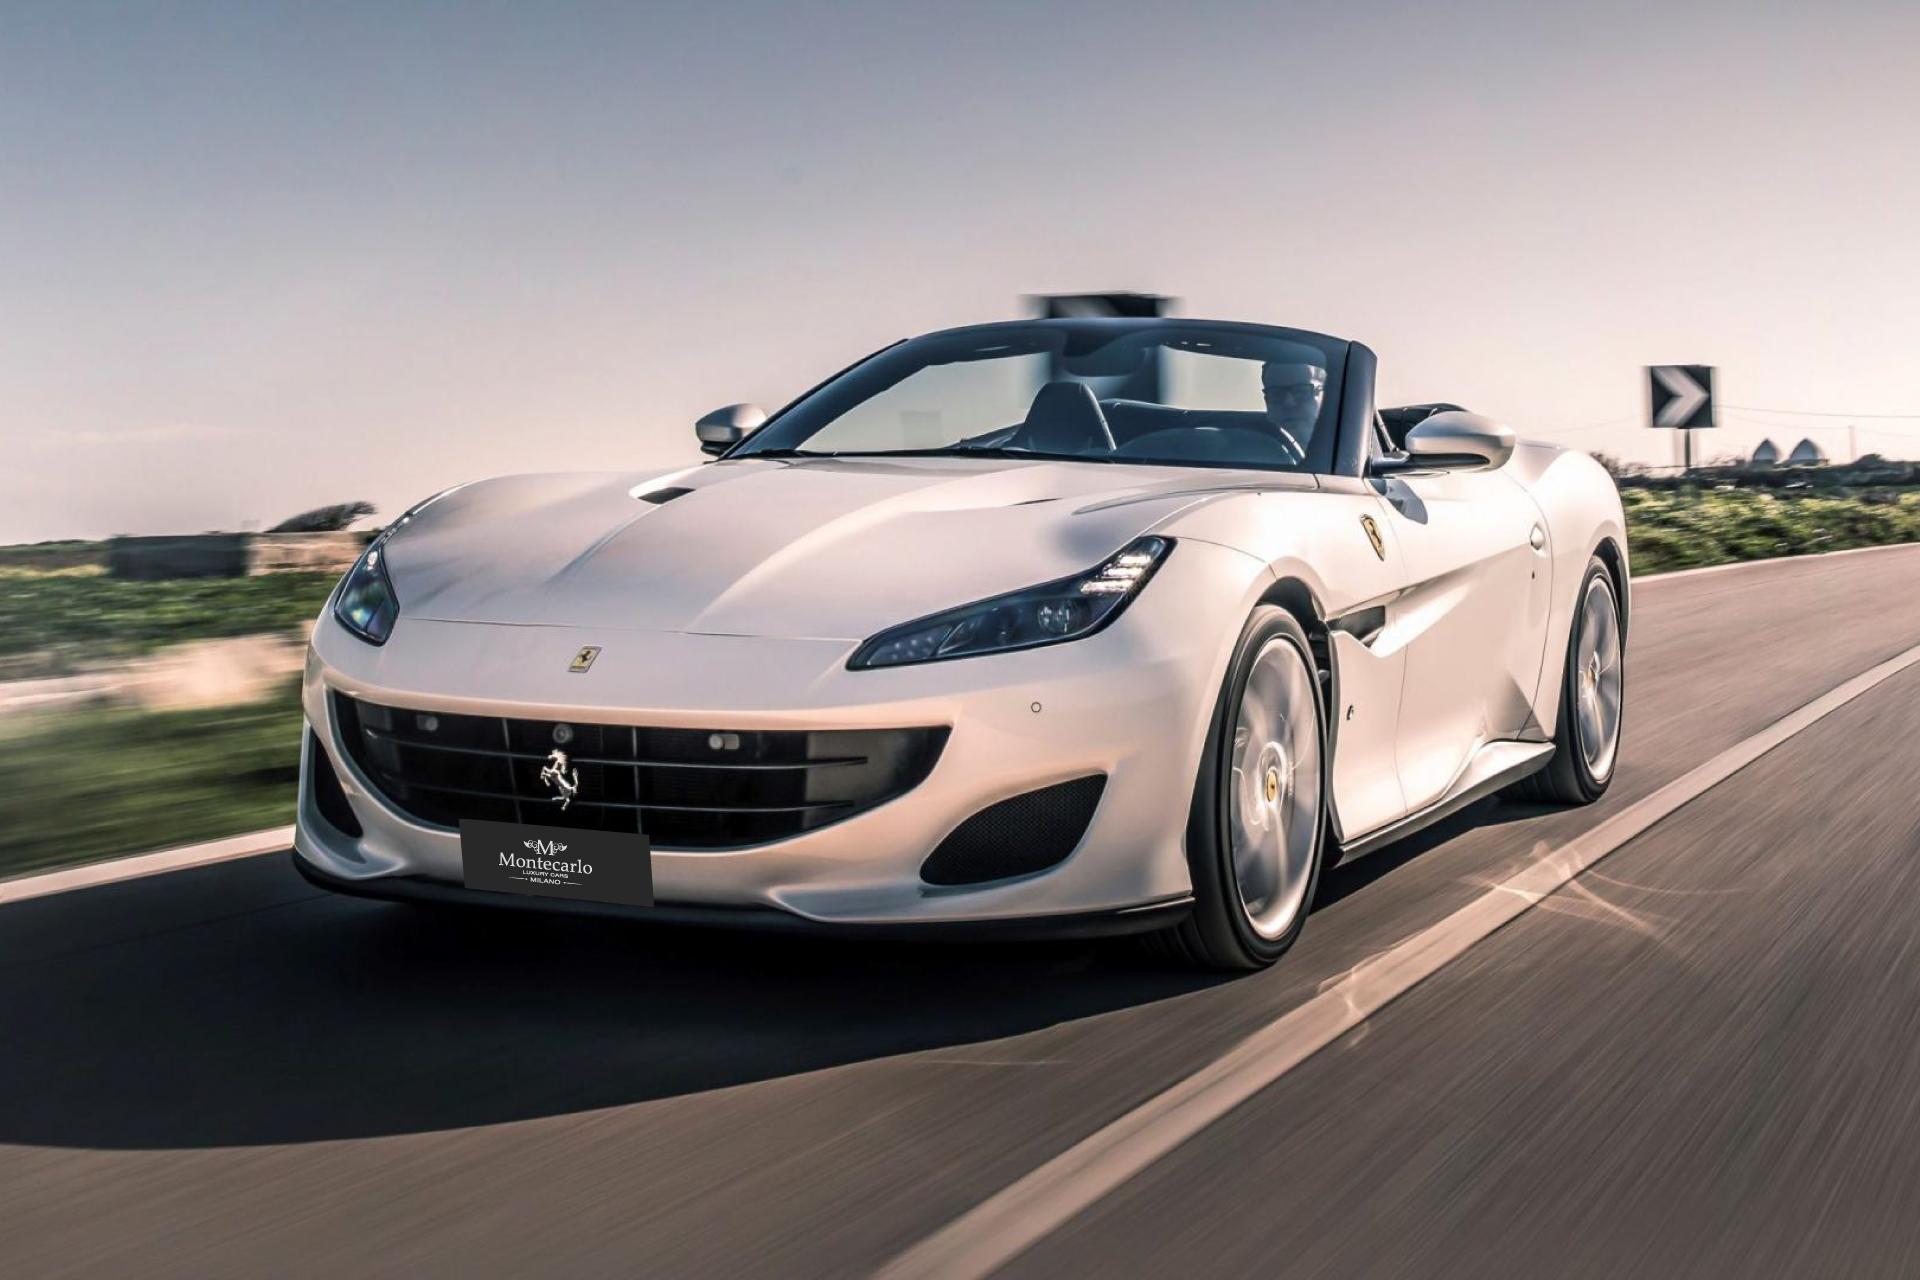 Rent a Ferrari Portofino